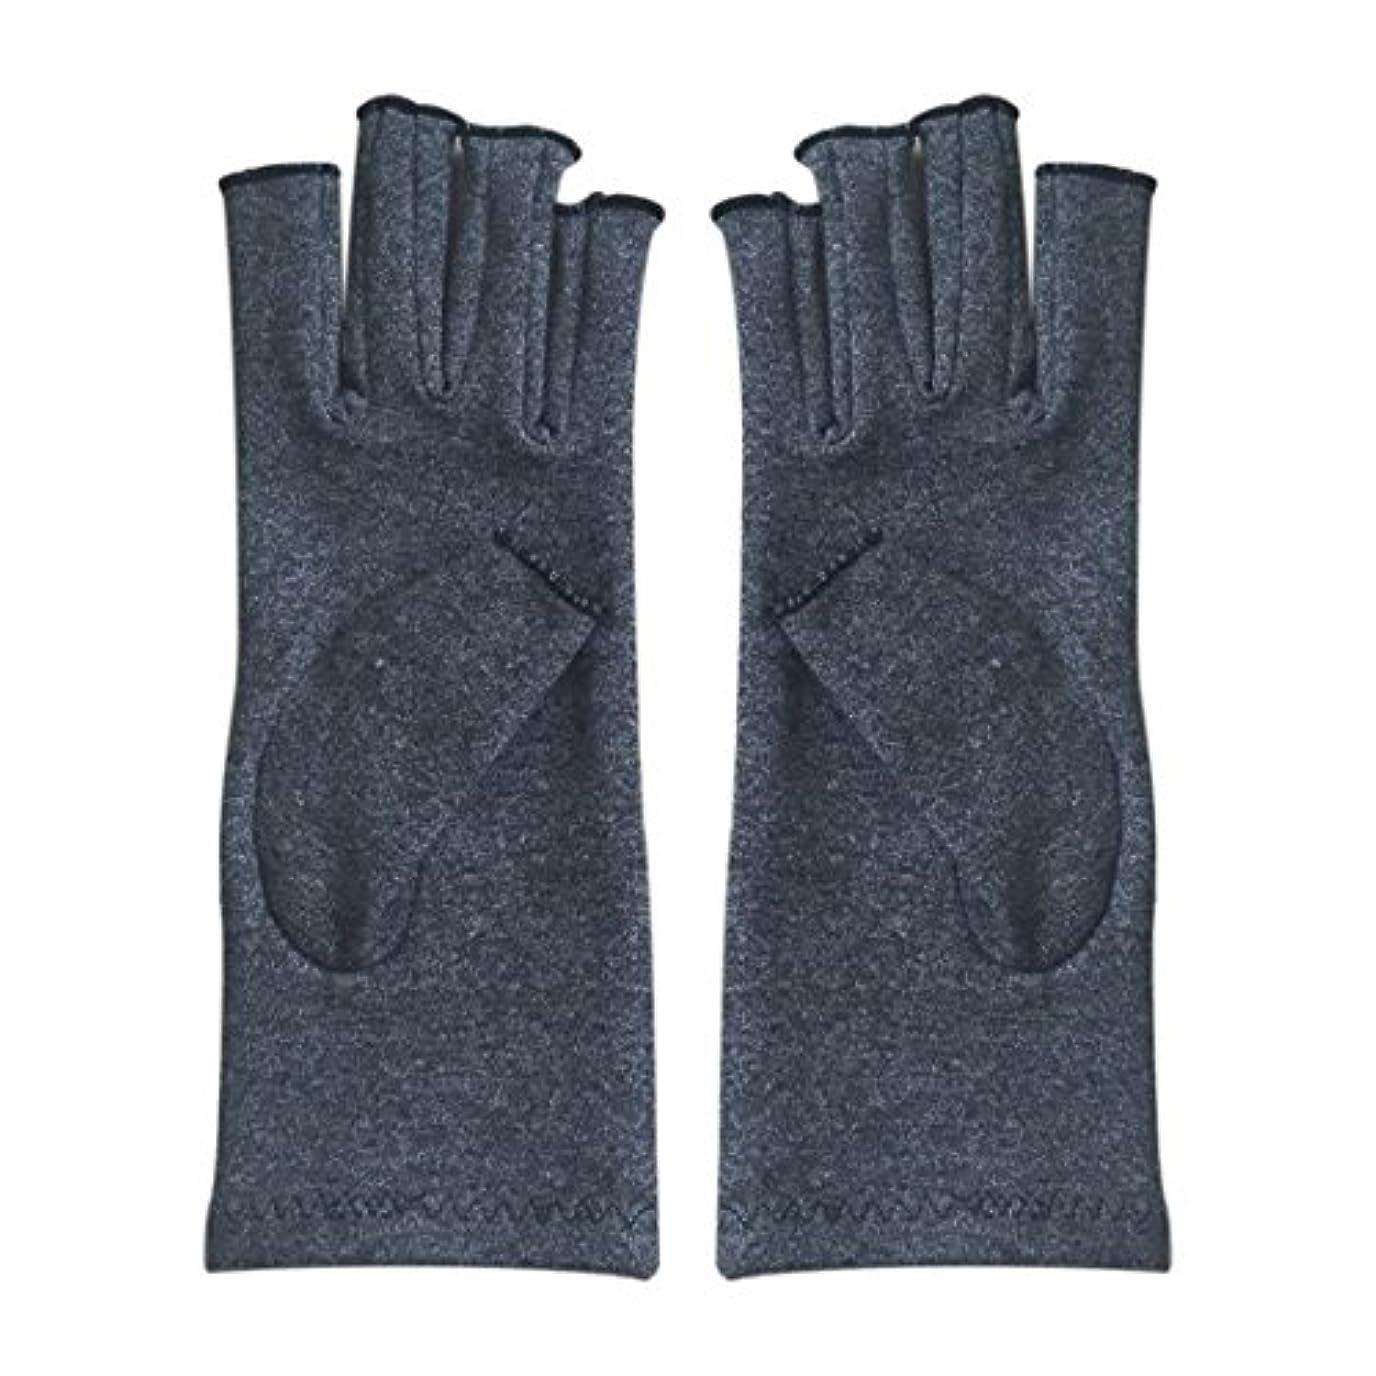 ハイジャック販売計画恐れCUHAWUDBA 1ペア成人男性女性用弾性コットンコンプレッション手袋手関節炎関節痛鎮痛軽減S -灰色、S